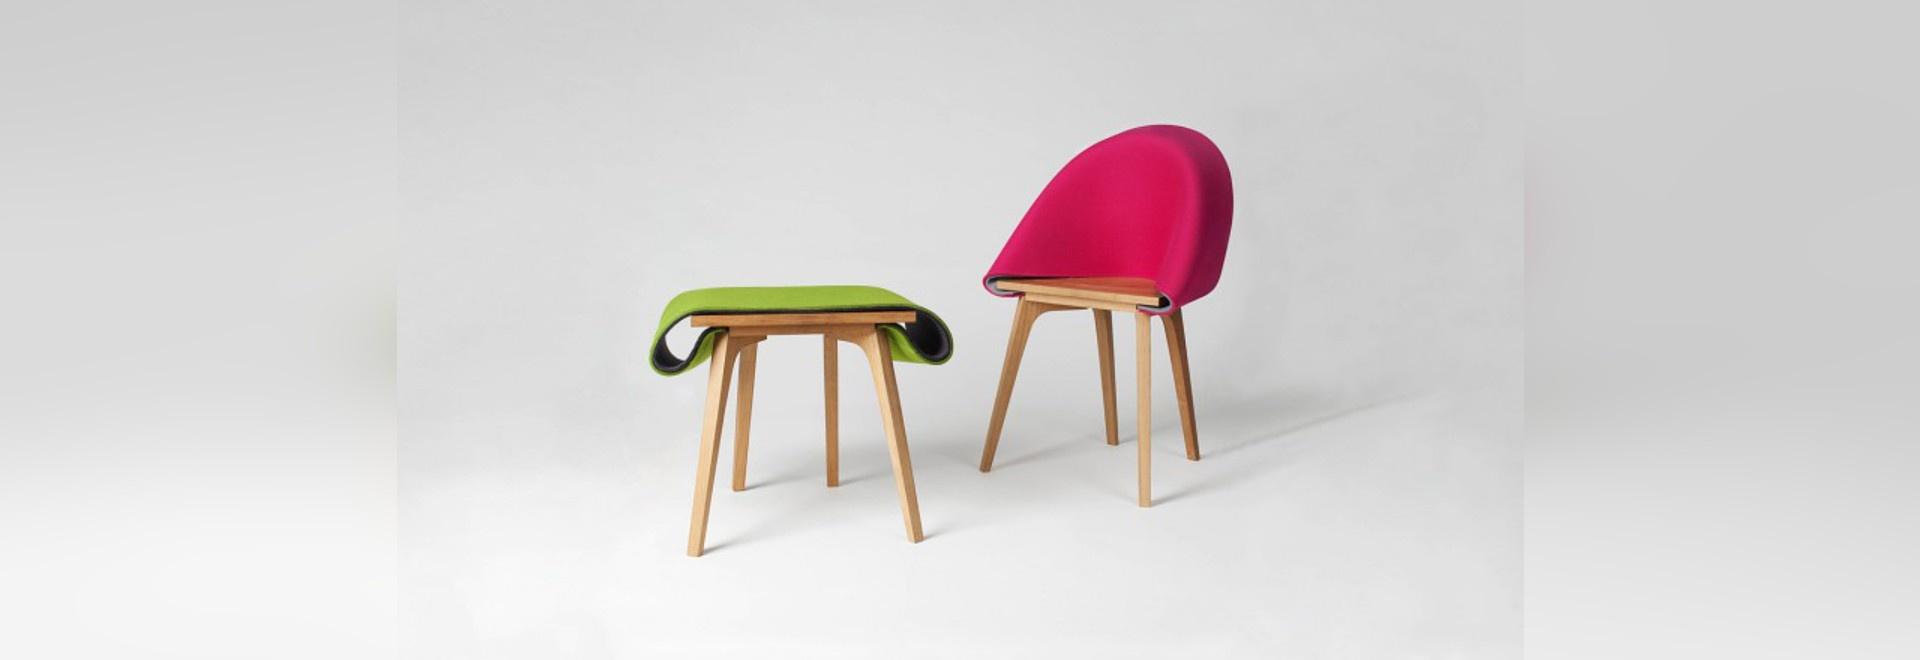 nuno-chair-we-love-eames-6217-8873232